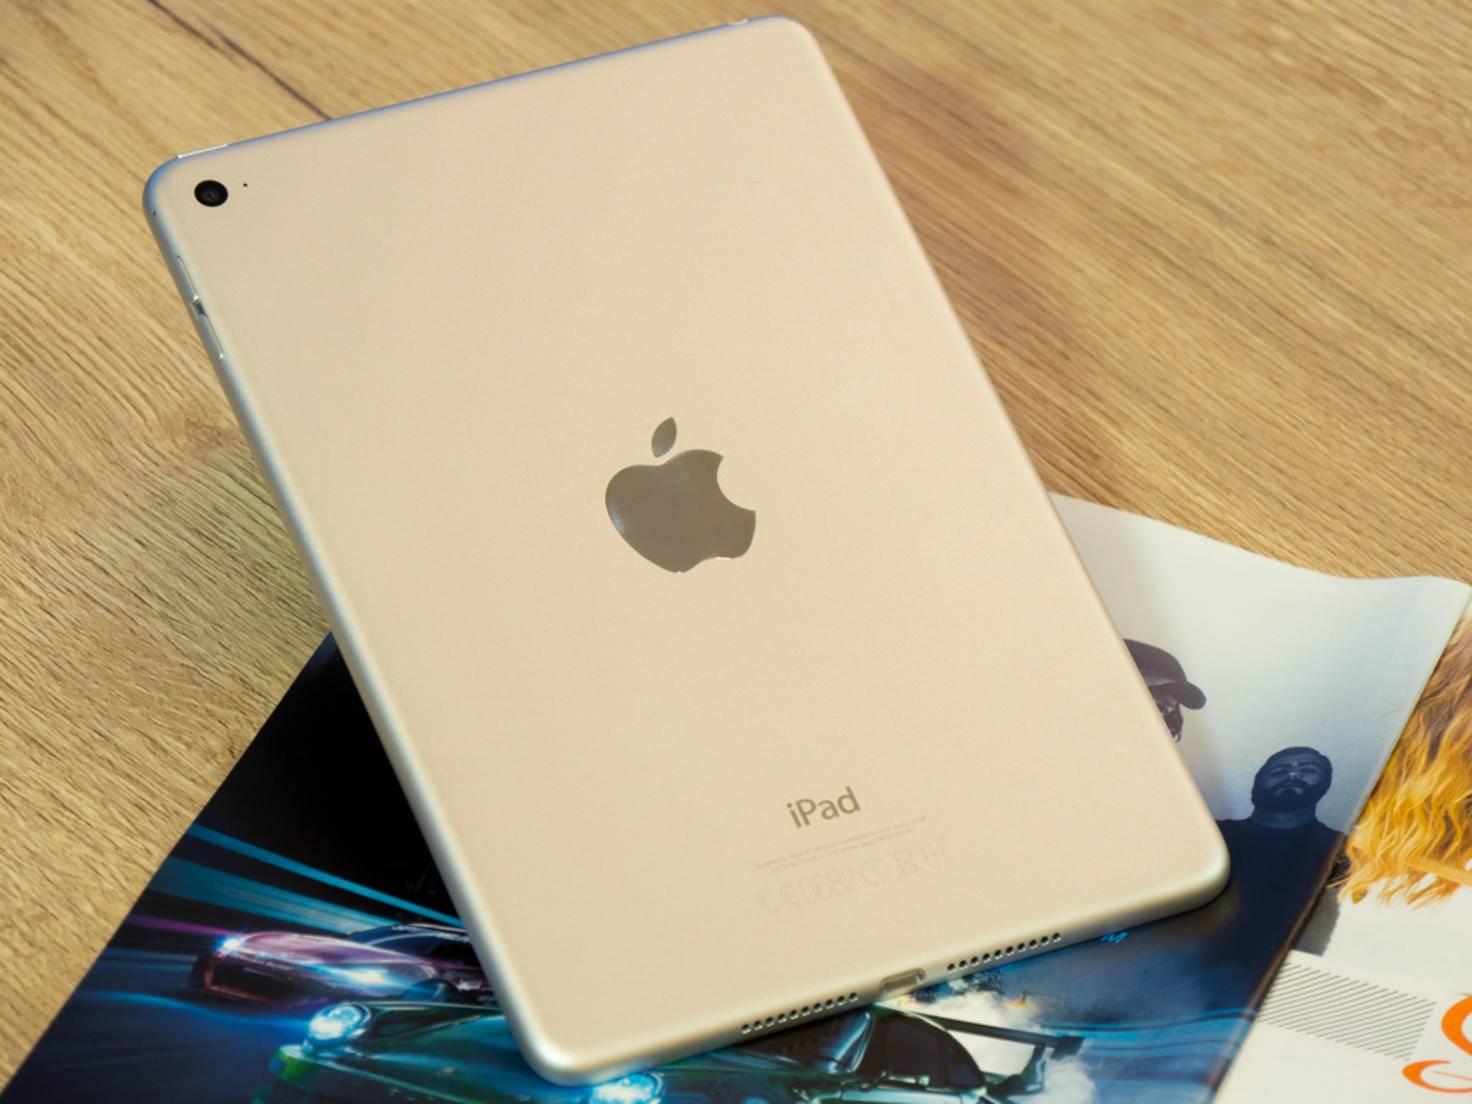 Die Verarbeitung ist Apple-typisch gewohnt hochwertig und exzellent.